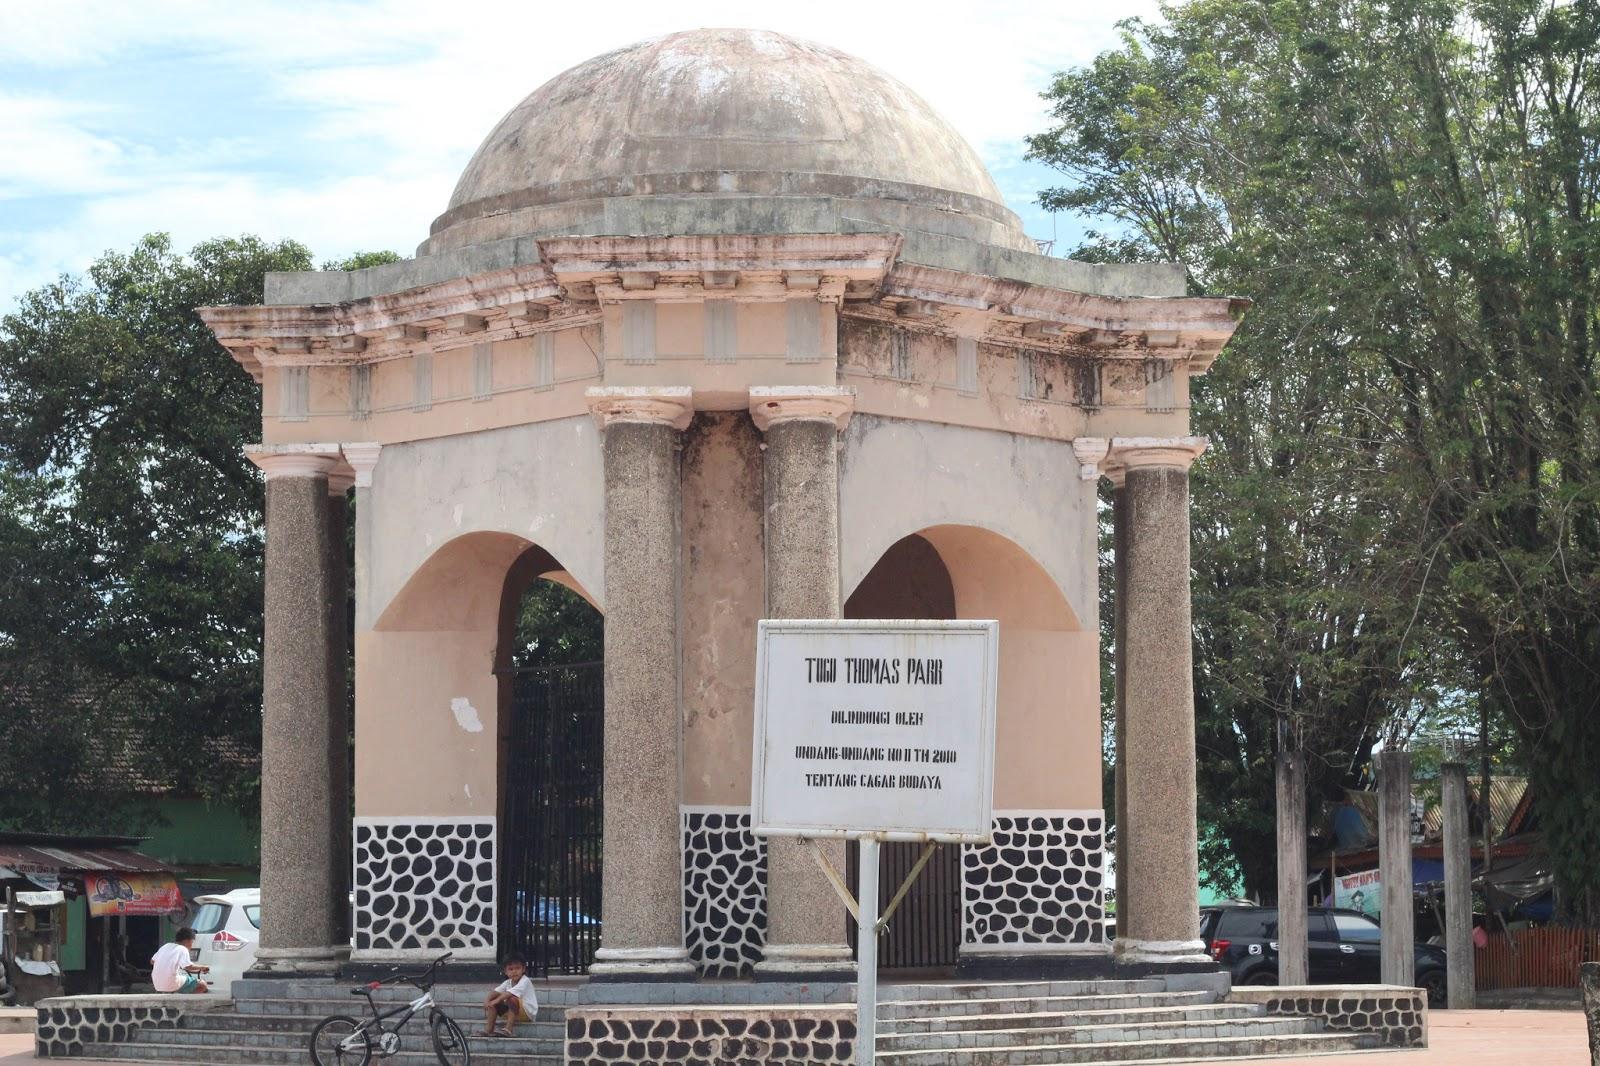 Koleksi Foto Tempat Bersejarah Bengkulu Gambar Tugu Thomas Parr Berupa